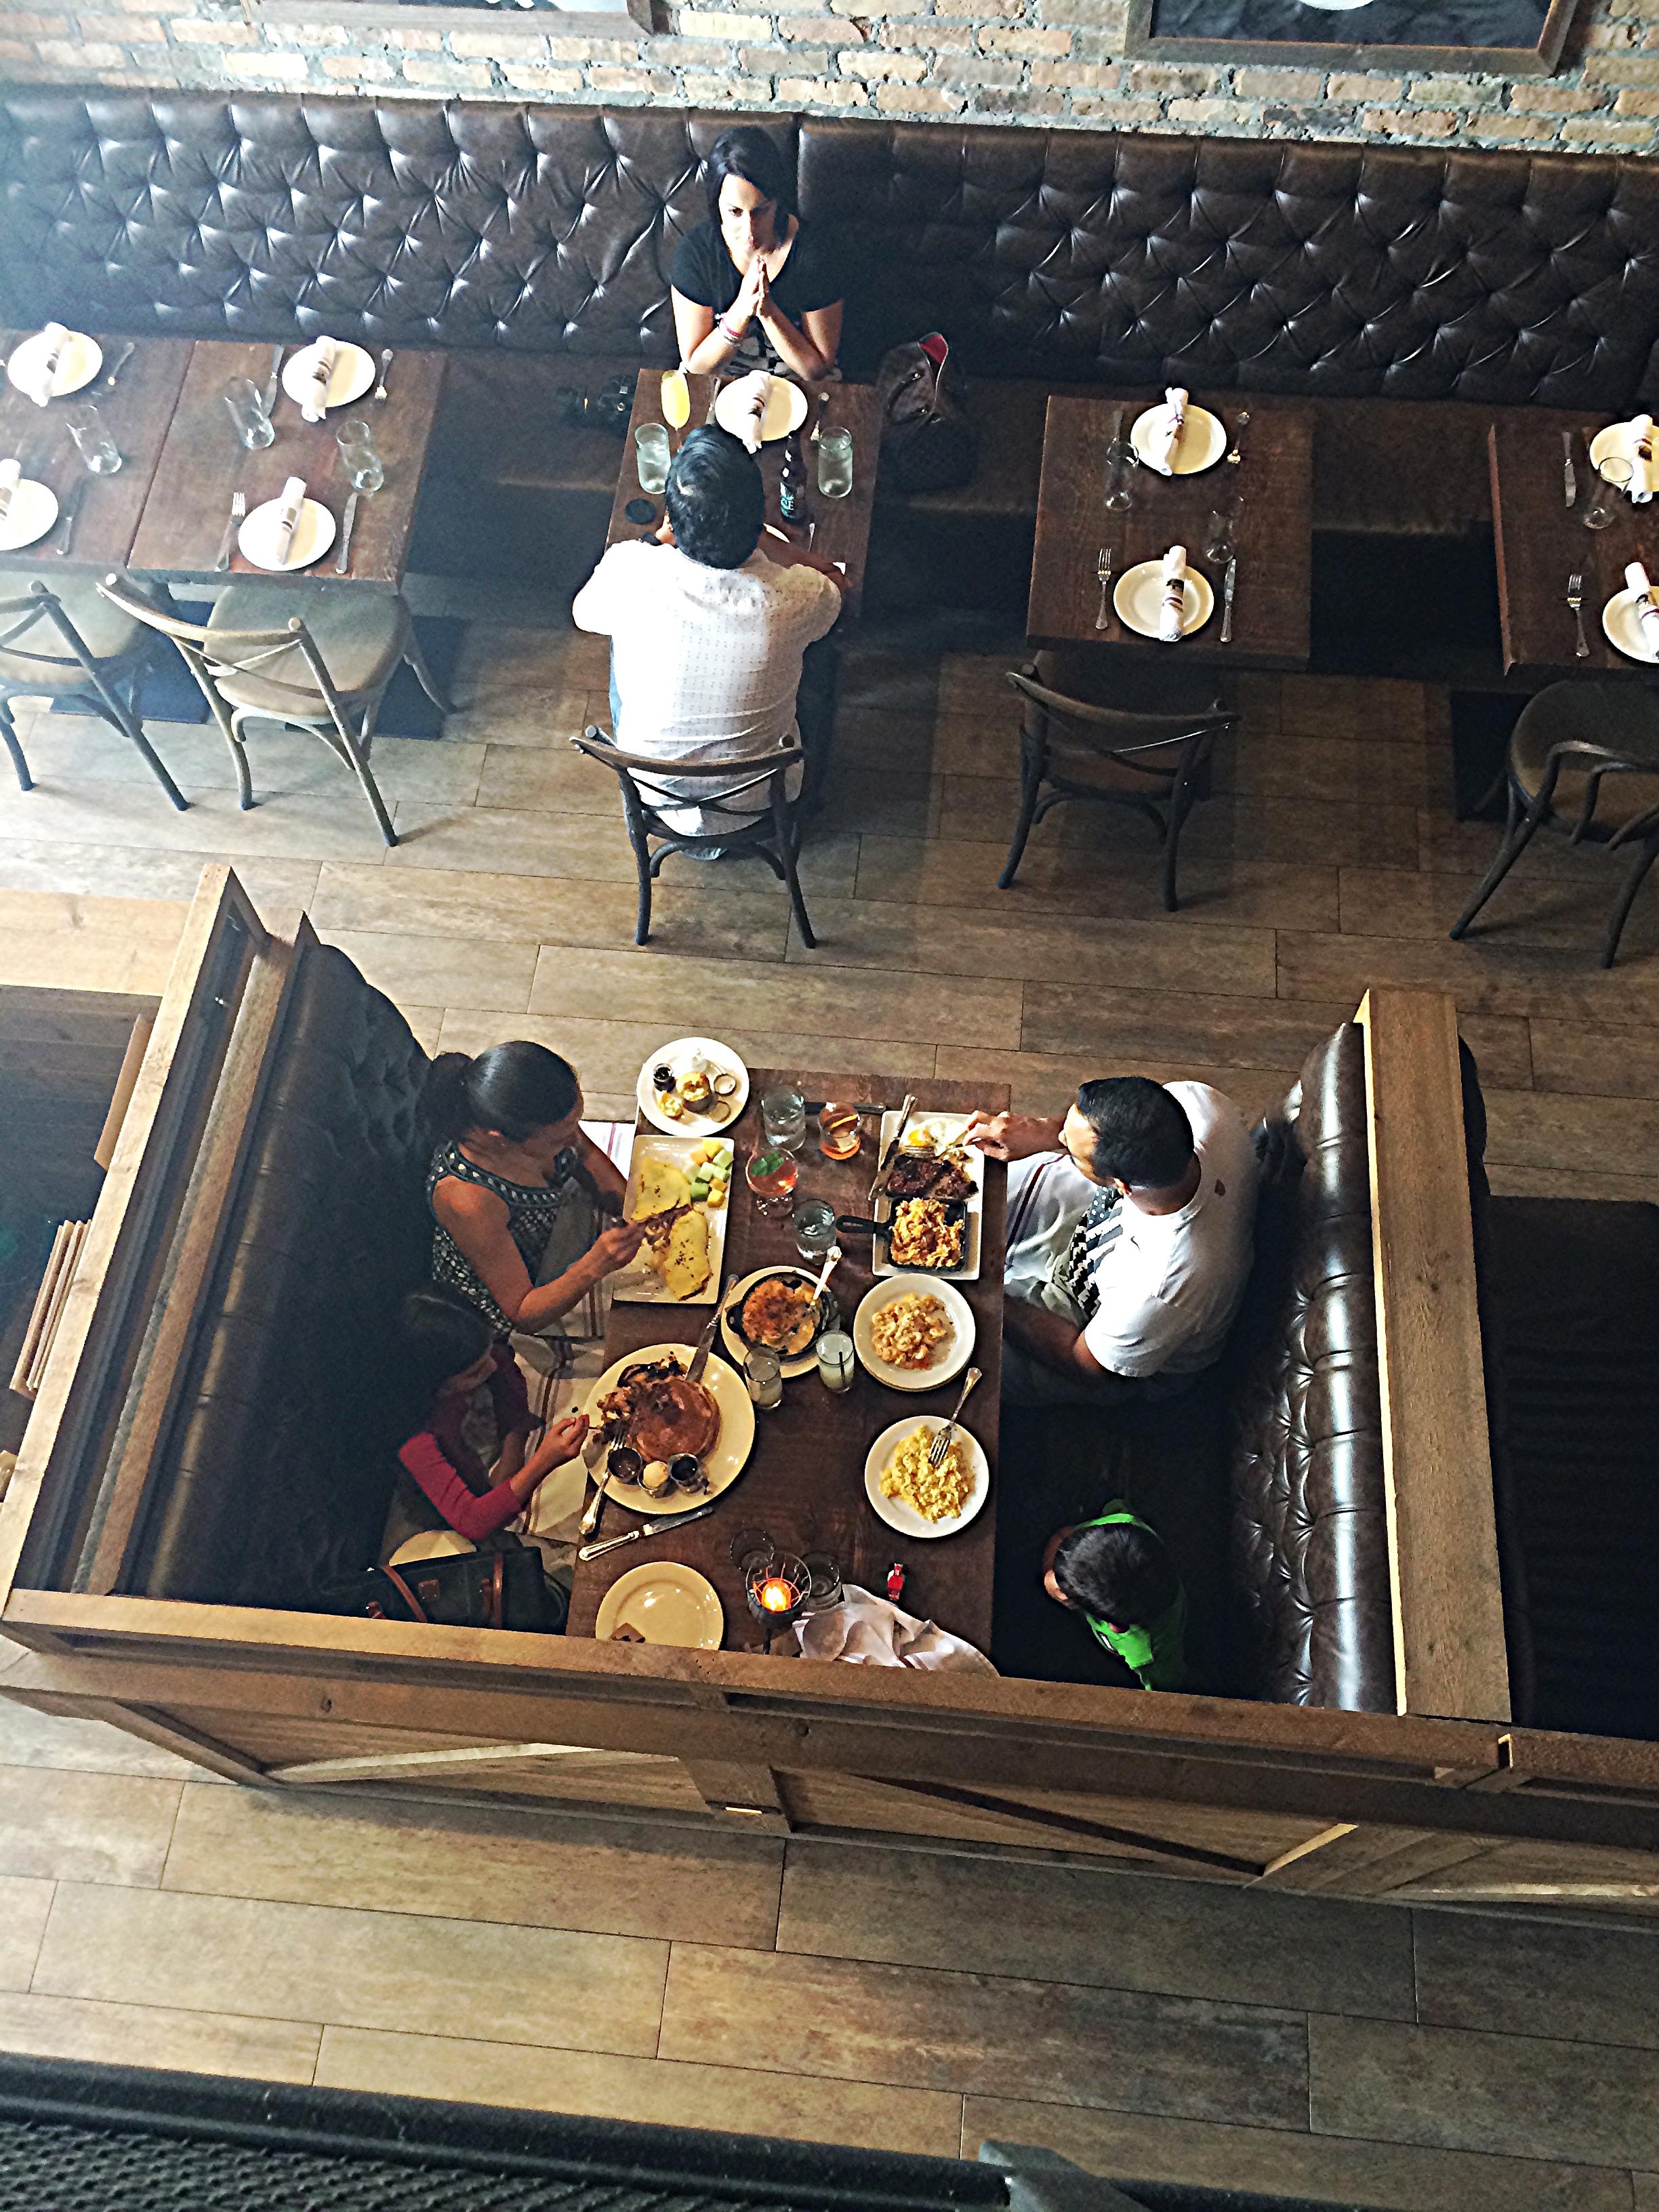 Parte da ida em um restaurante é a espiadela na mesa do vizinho. Desta vez estávamos no mesanino, daí foi fácil dar uma olhada sem ser inconveniente. Dá pra ver que os pratos do brunch são bem servidos, né?